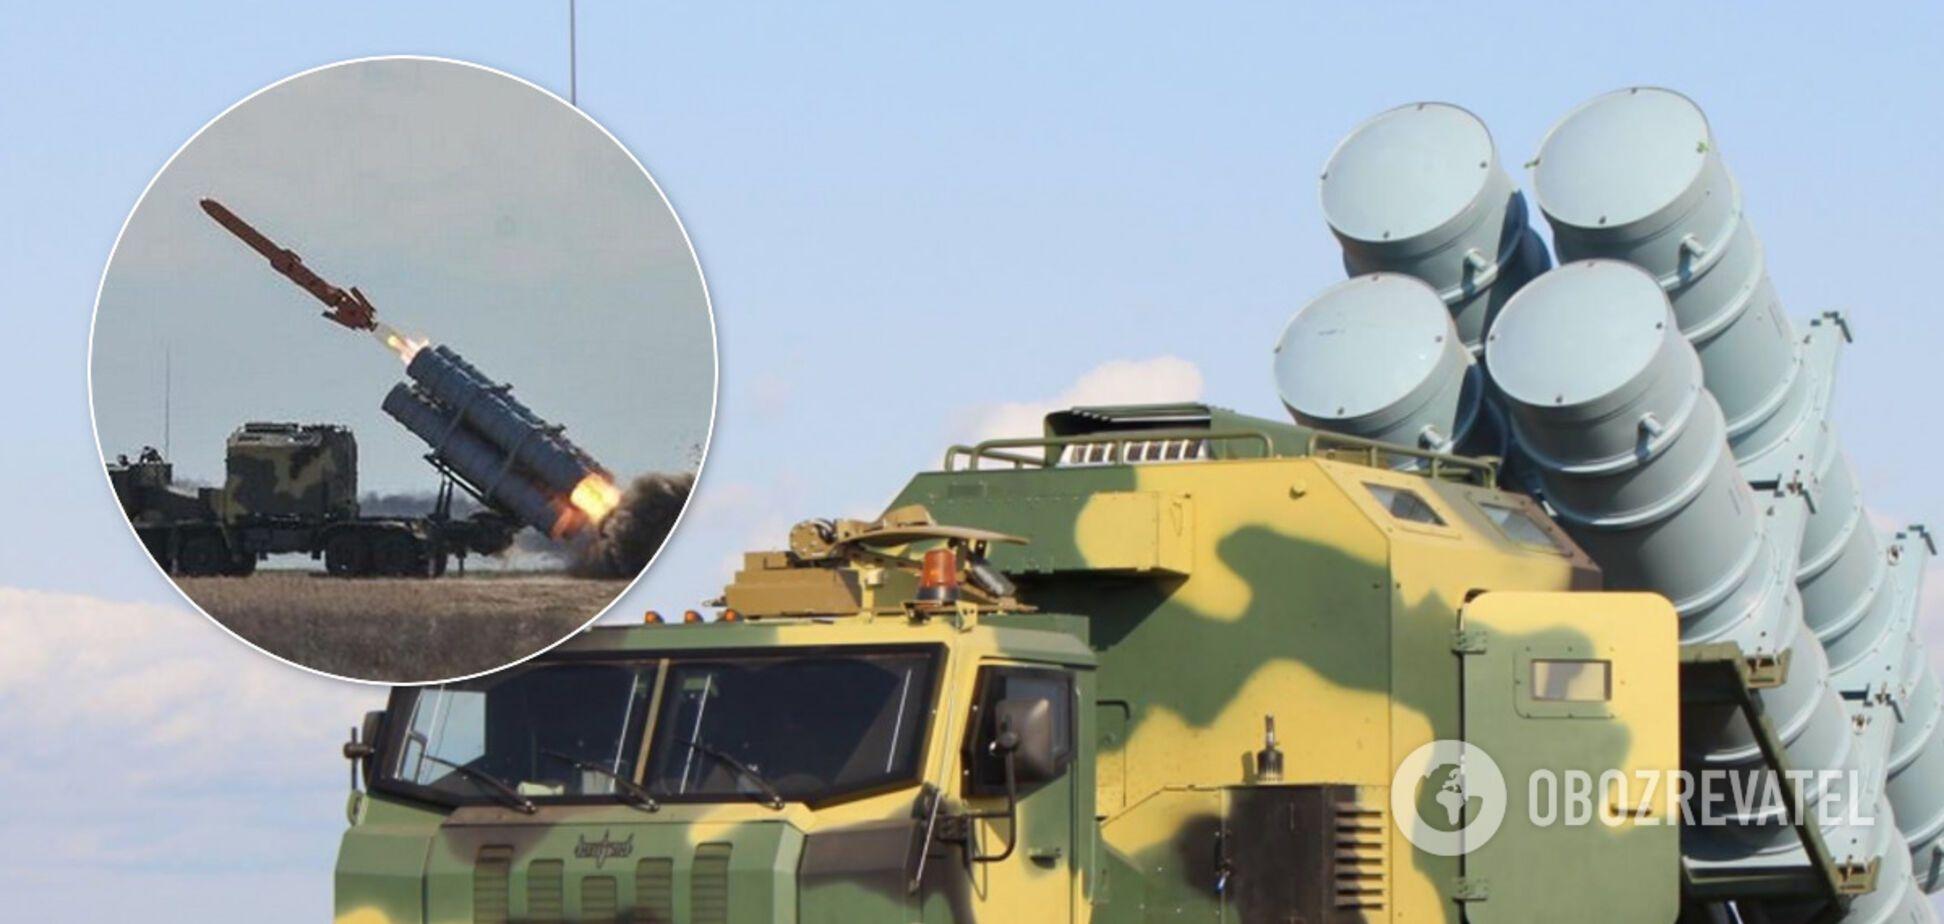 В Украине испытали смертоносную ракету 'Нептун' для ВСУ. Мощное видео